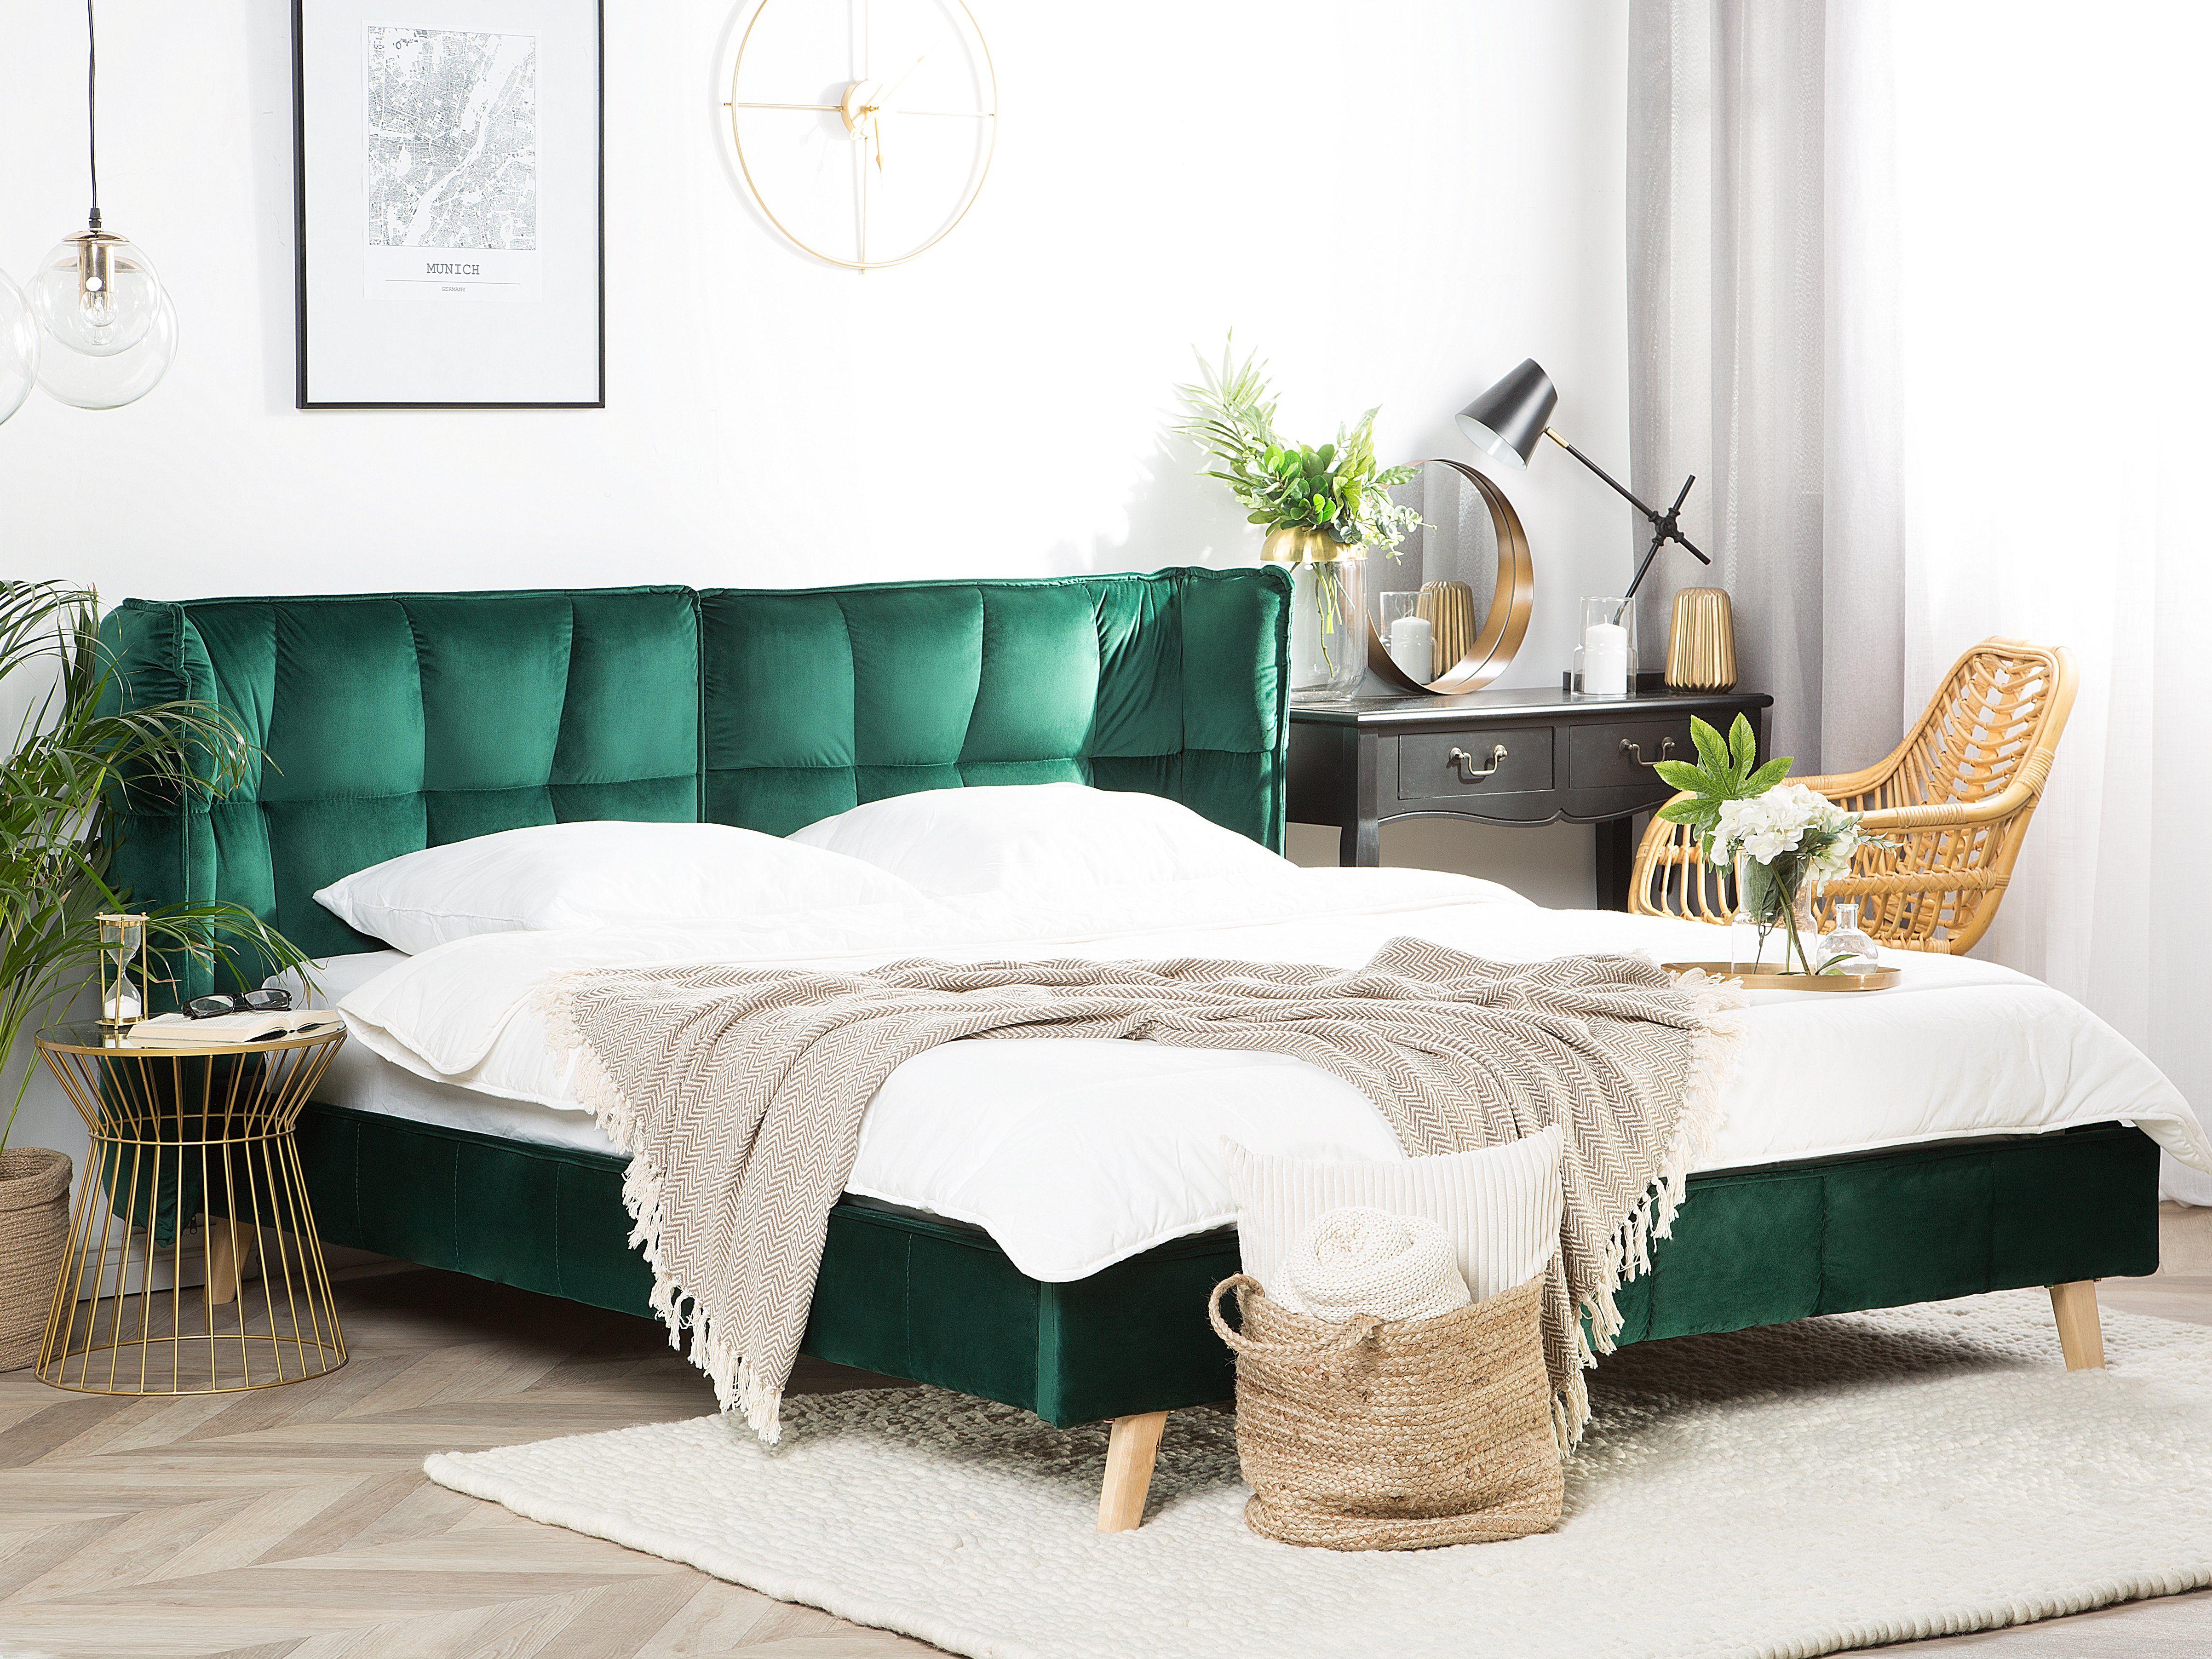 Velvet EU King Size Bed Emerald Green SENLIS Łóżko